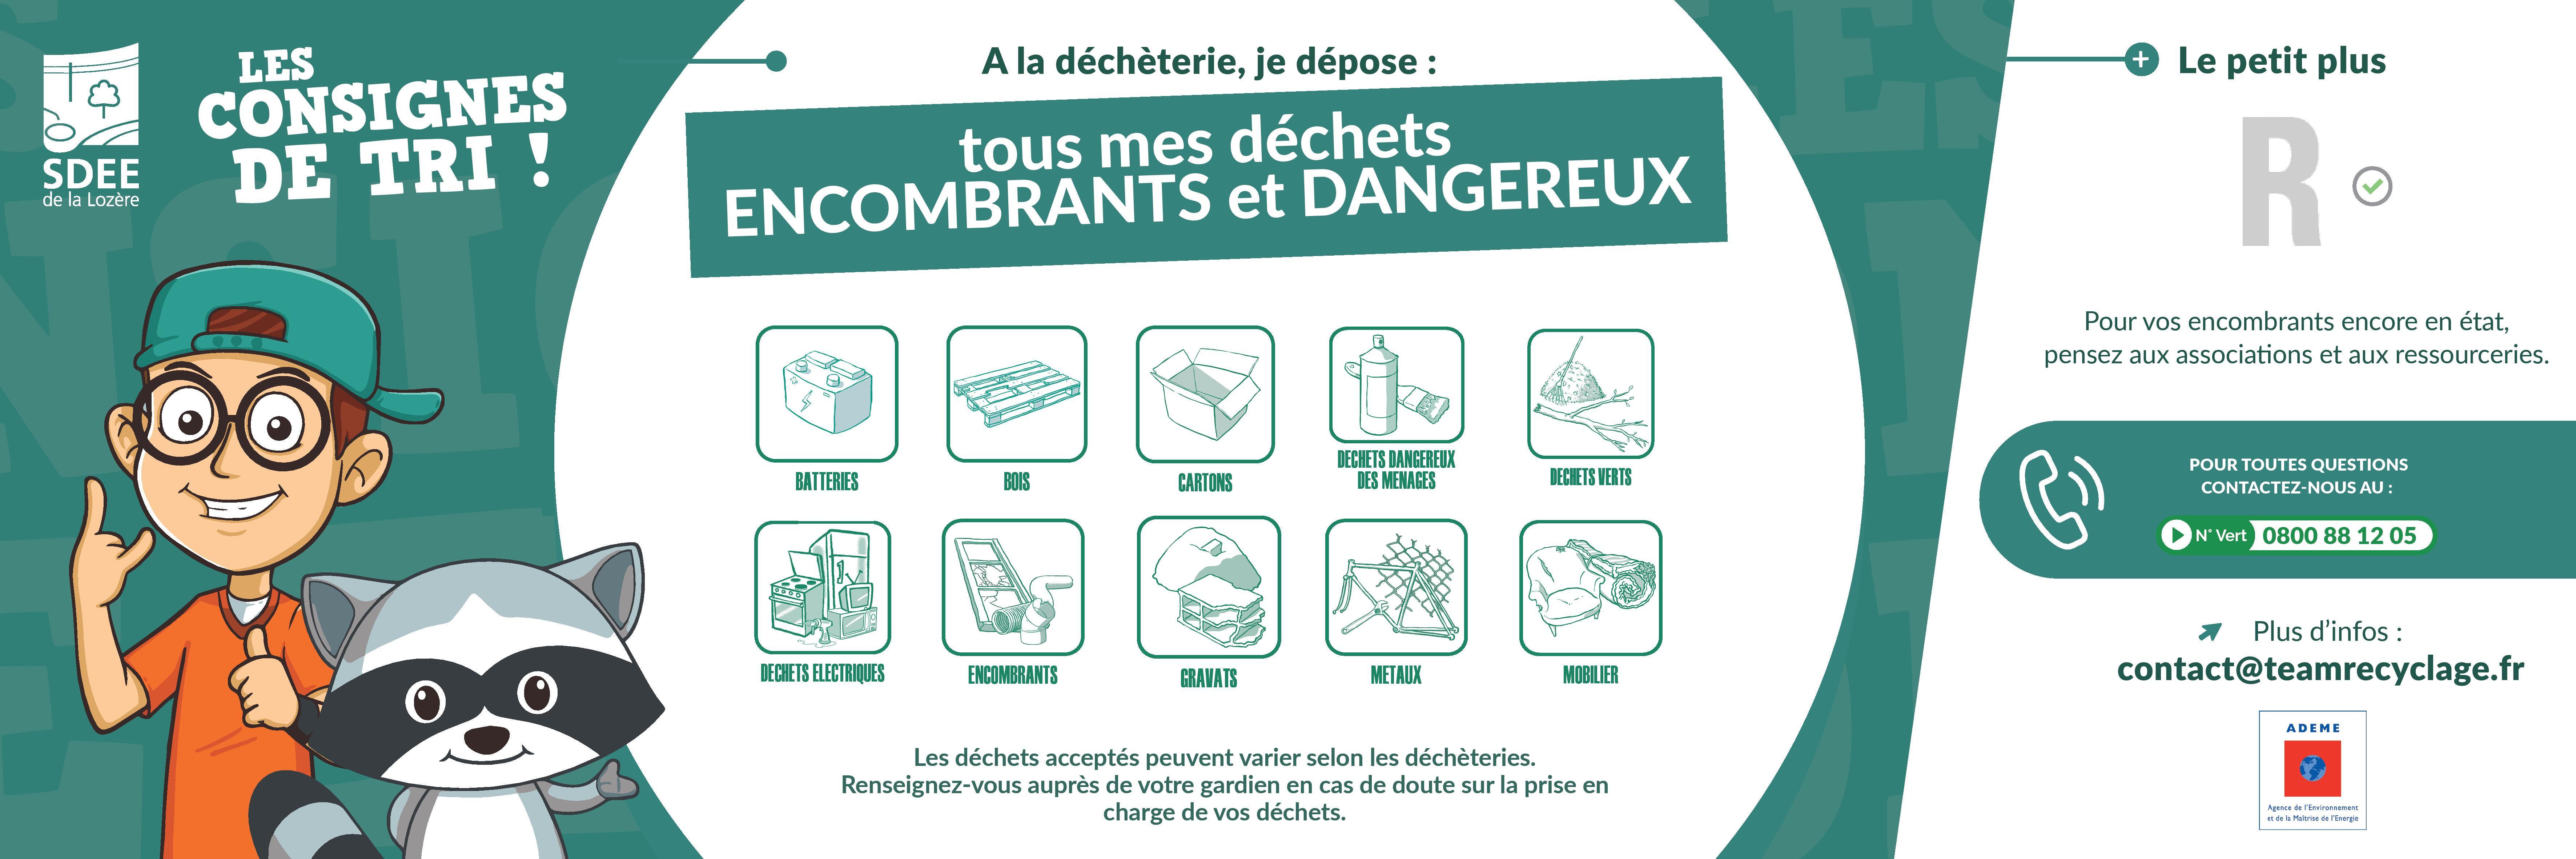 Les consignes de tri pour les déchets encombrants et dangereux